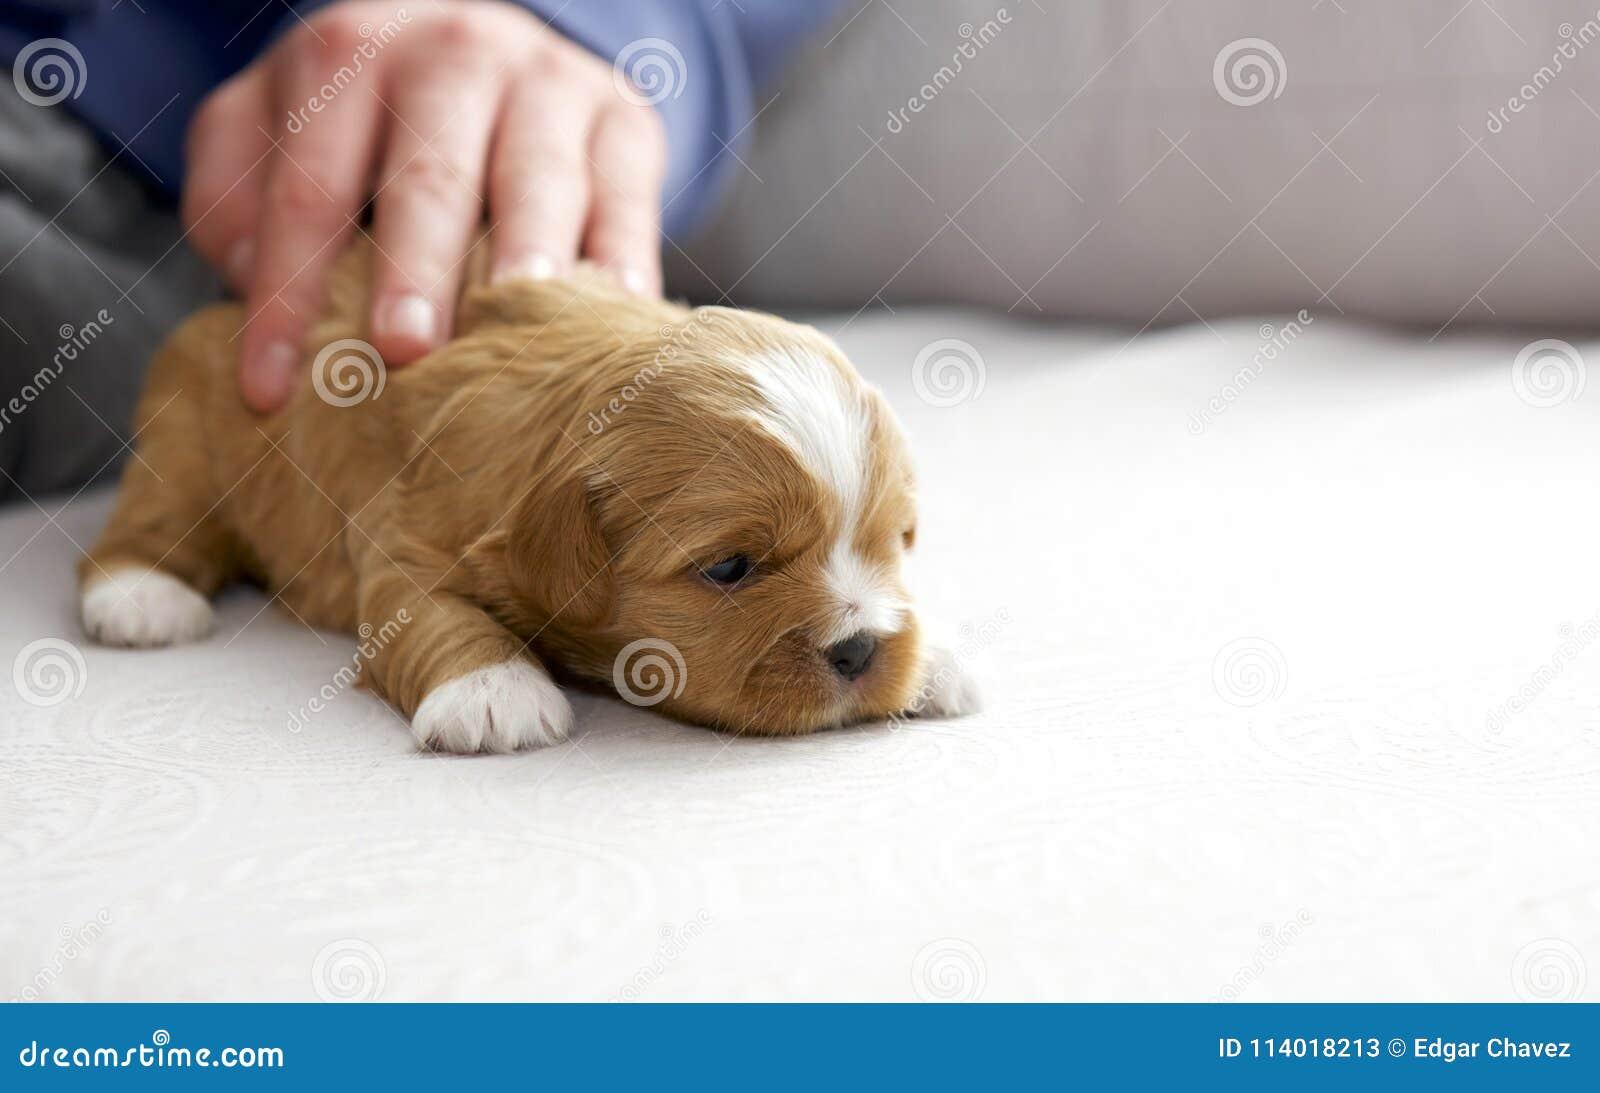 Un perrito minúsculo muy pequeño colocado en una estera por la luz de la ventana